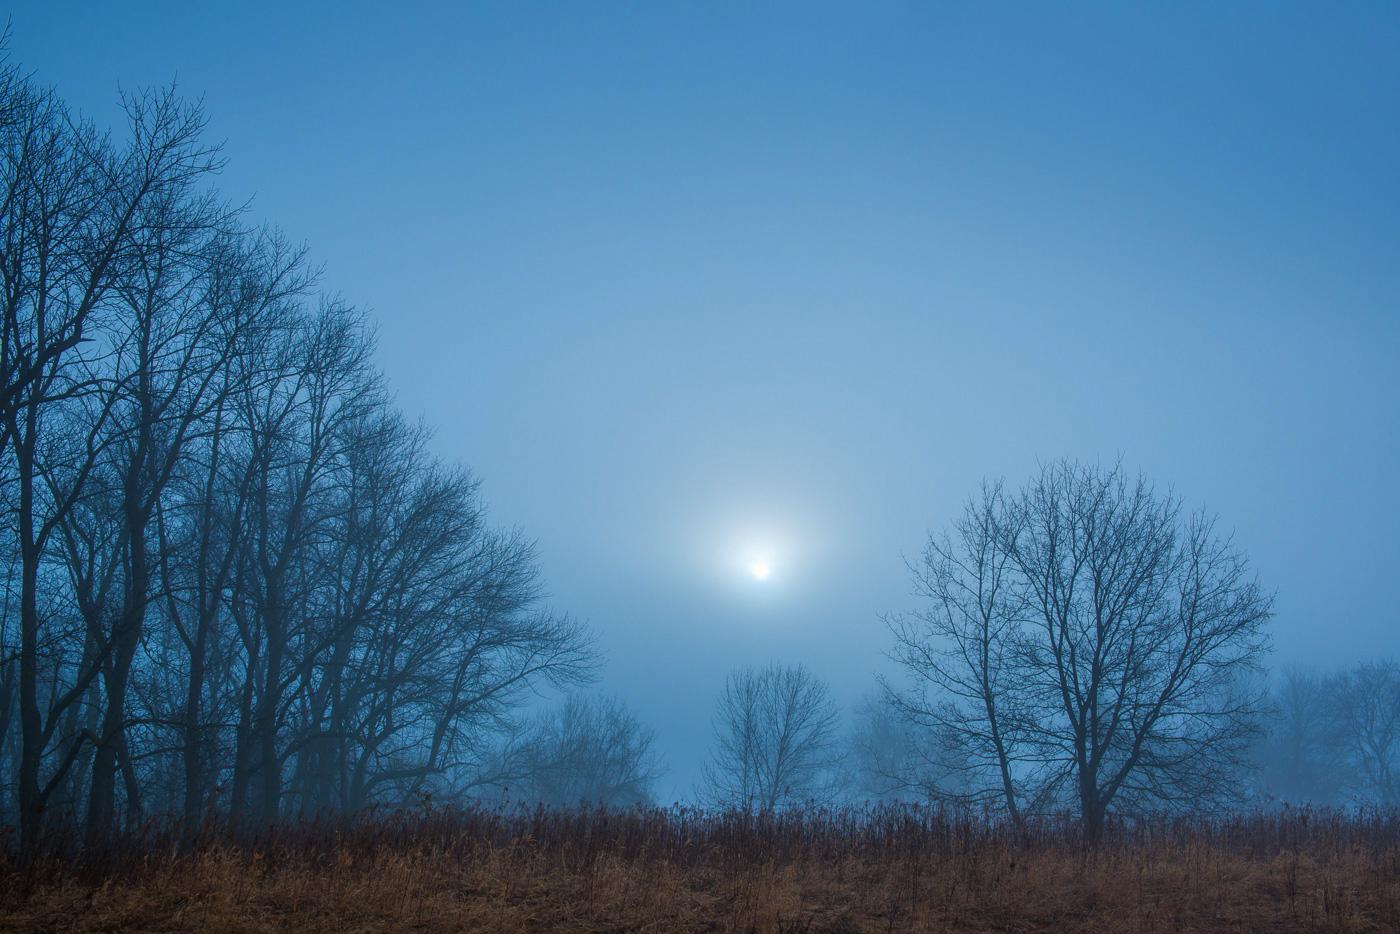 Rising sun in fog and bare trees, Allemansratt Park, Lindstrom, Minnesota